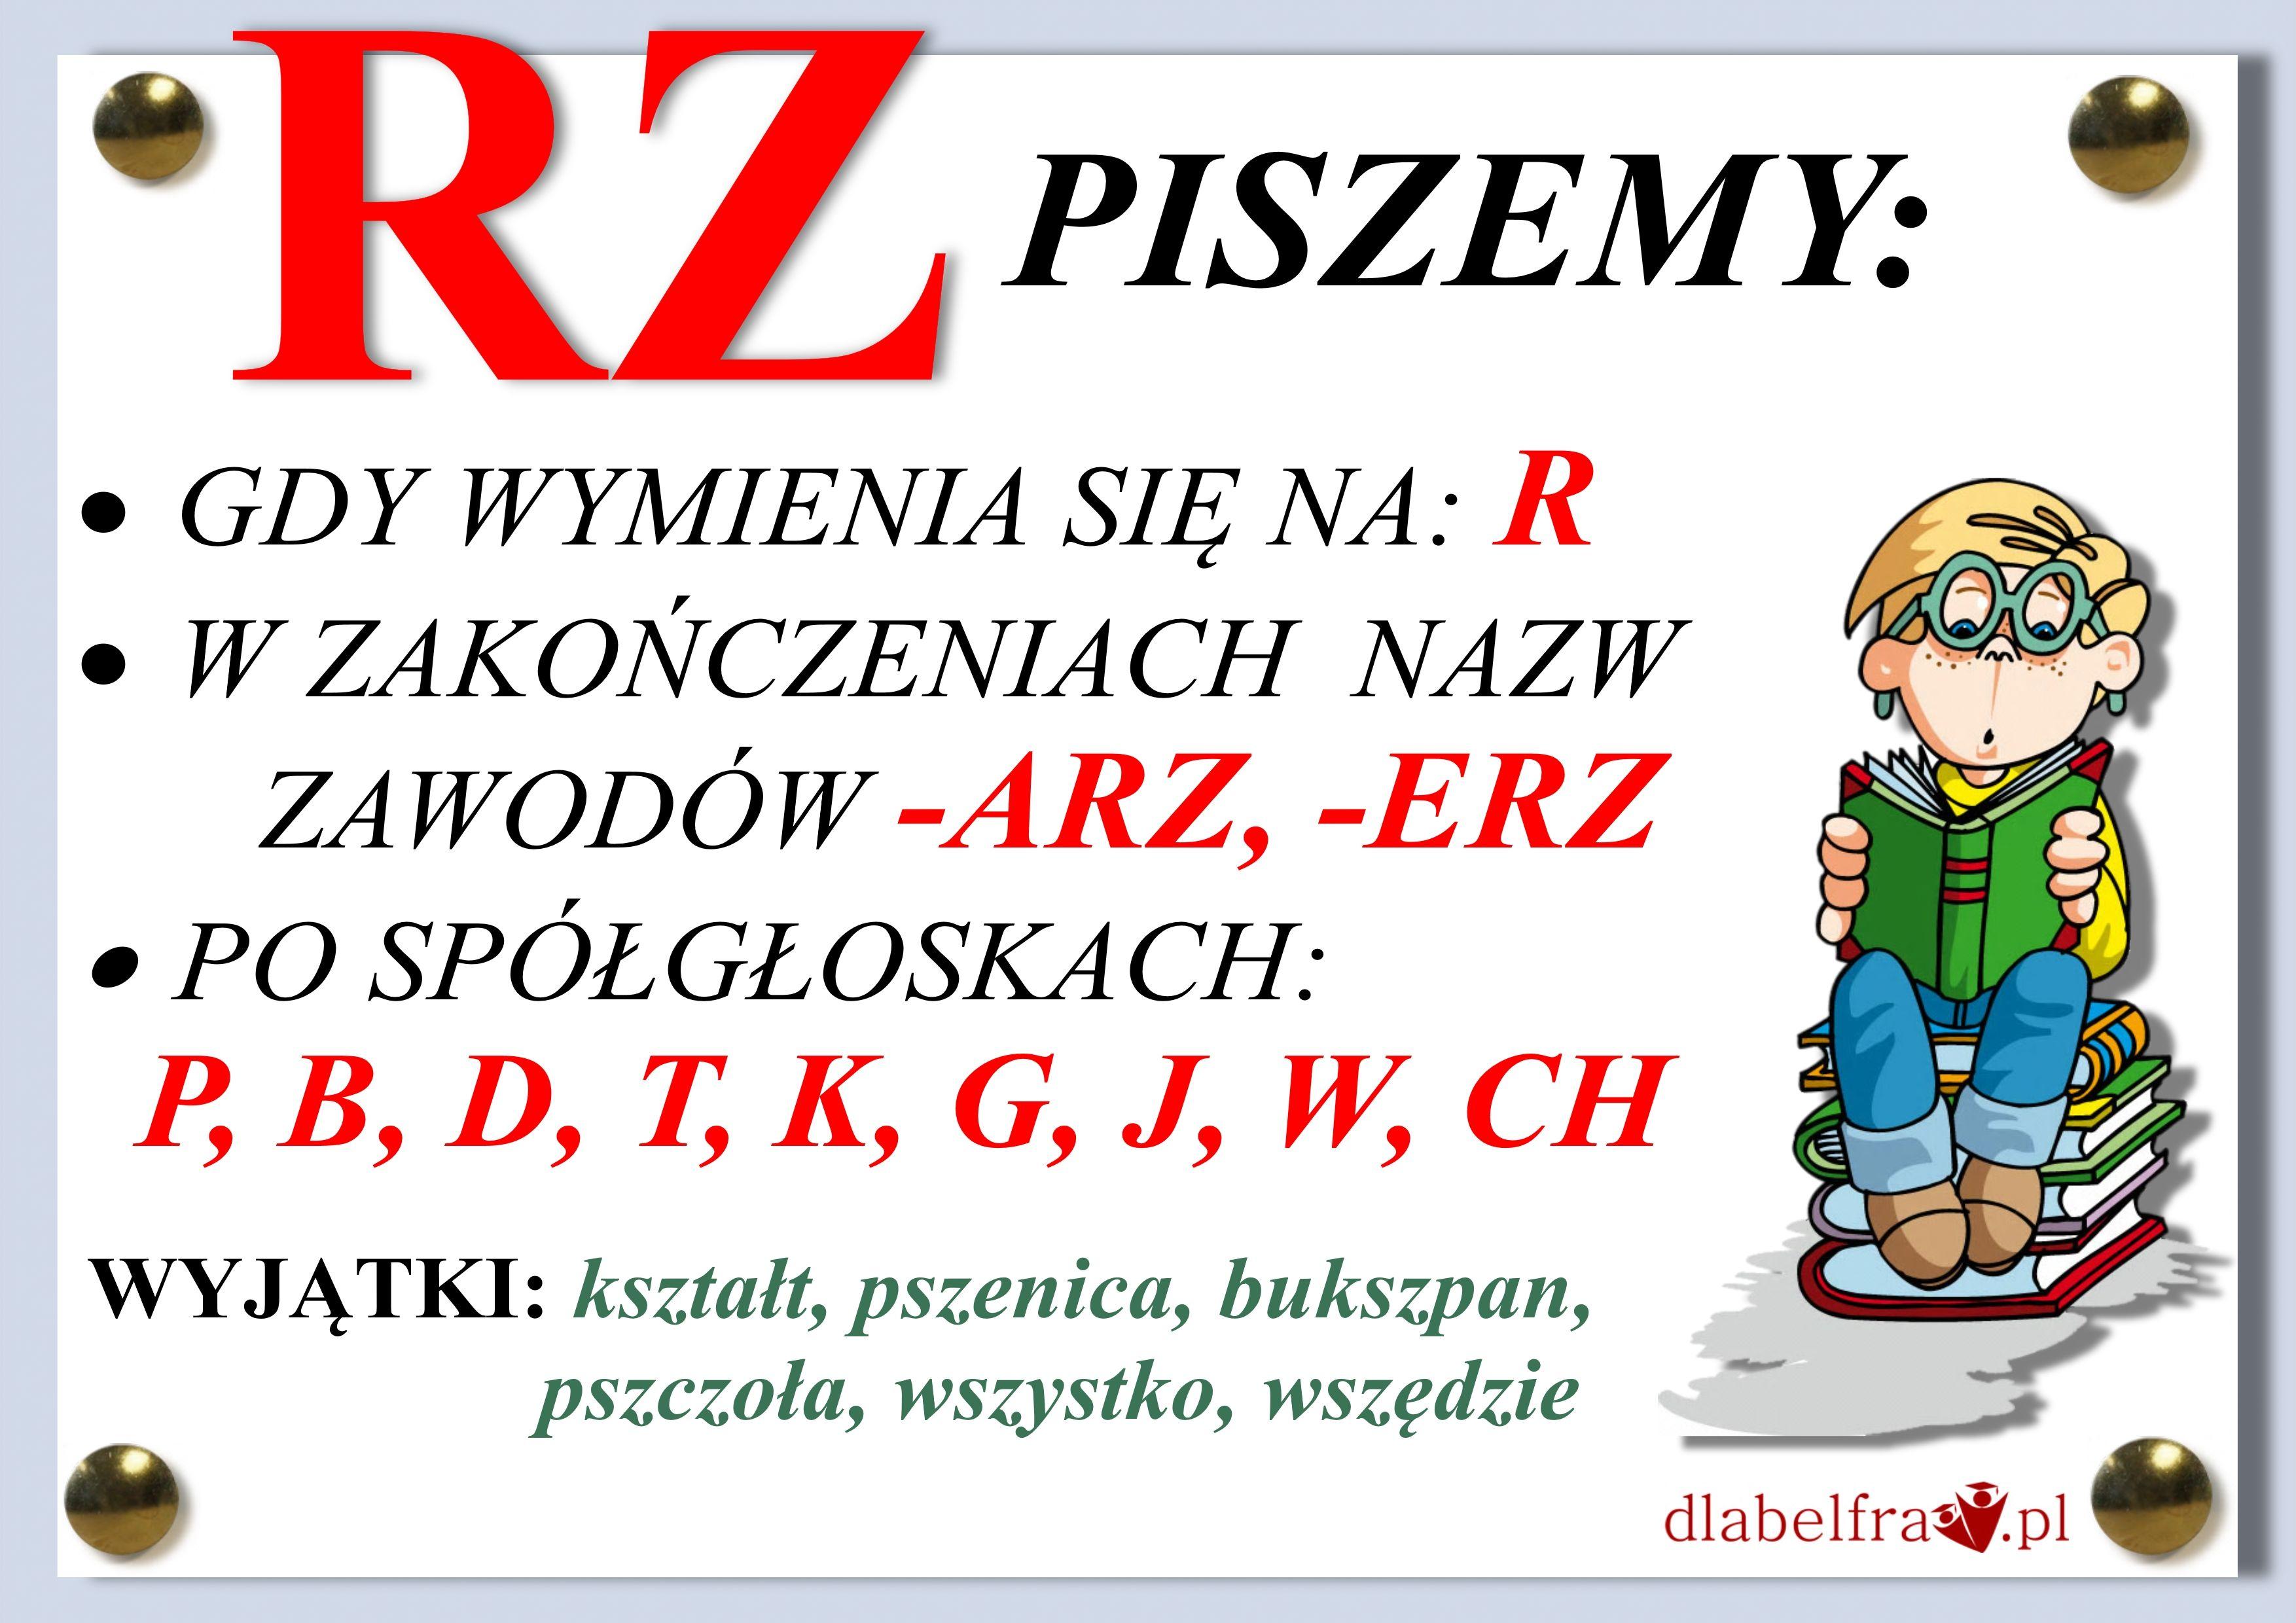 Plansze Z Zasadami Ortograficznymi Dla Uczniow Klas I Iii Dla Belfra Polish Language Teaching Activities Education